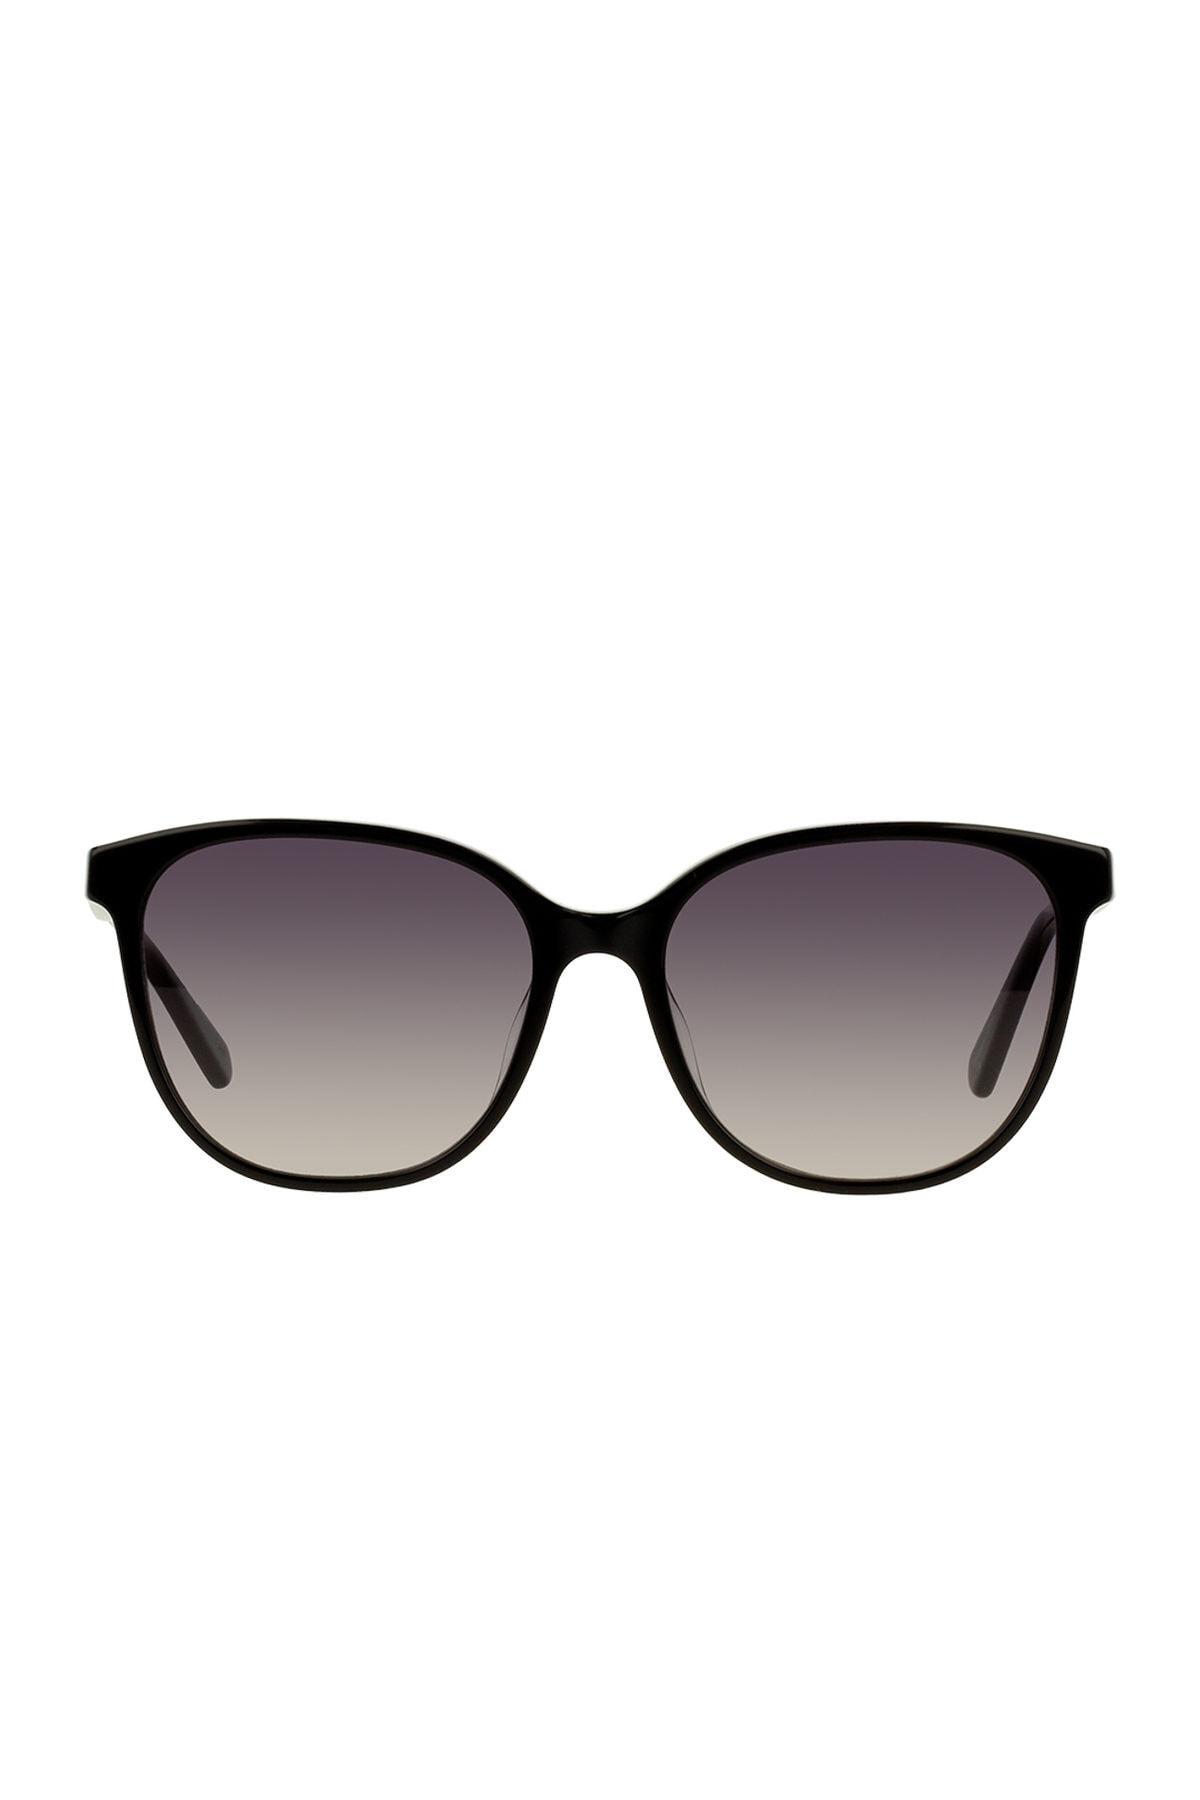 خرید نقدی عینک آفتابی پاییزی زنانه برند کلوین کلاین رنگ بژ کد ty35845373